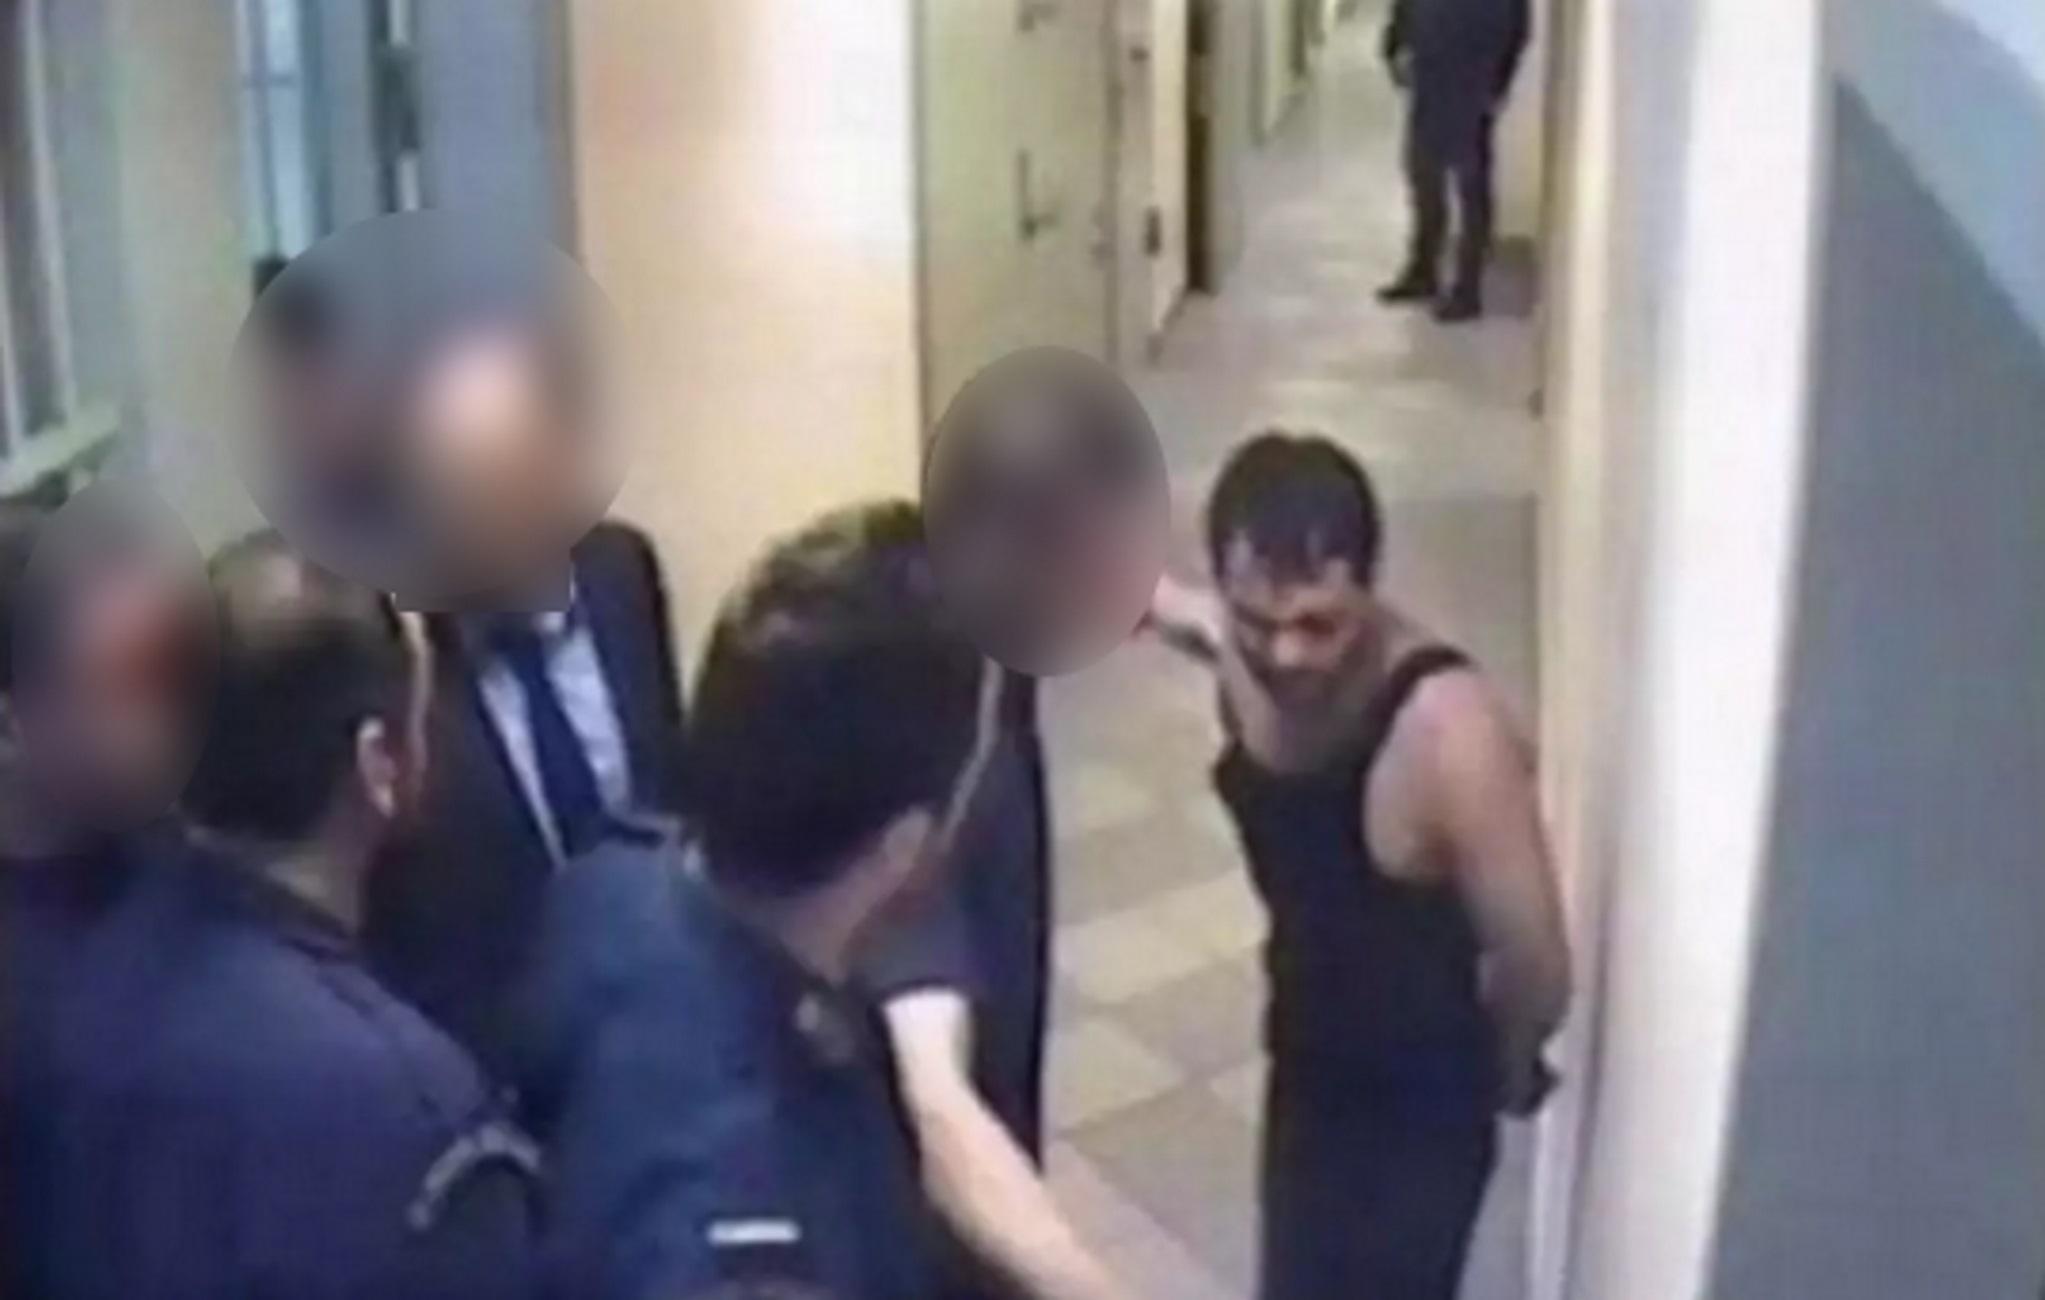 Δολοφονία Ιλί Καρέλι: Στο εδώλιο οι σωφρονιστικοί για τα μεσαιωνικά βασανιστήρια στον βαρυποινίτη